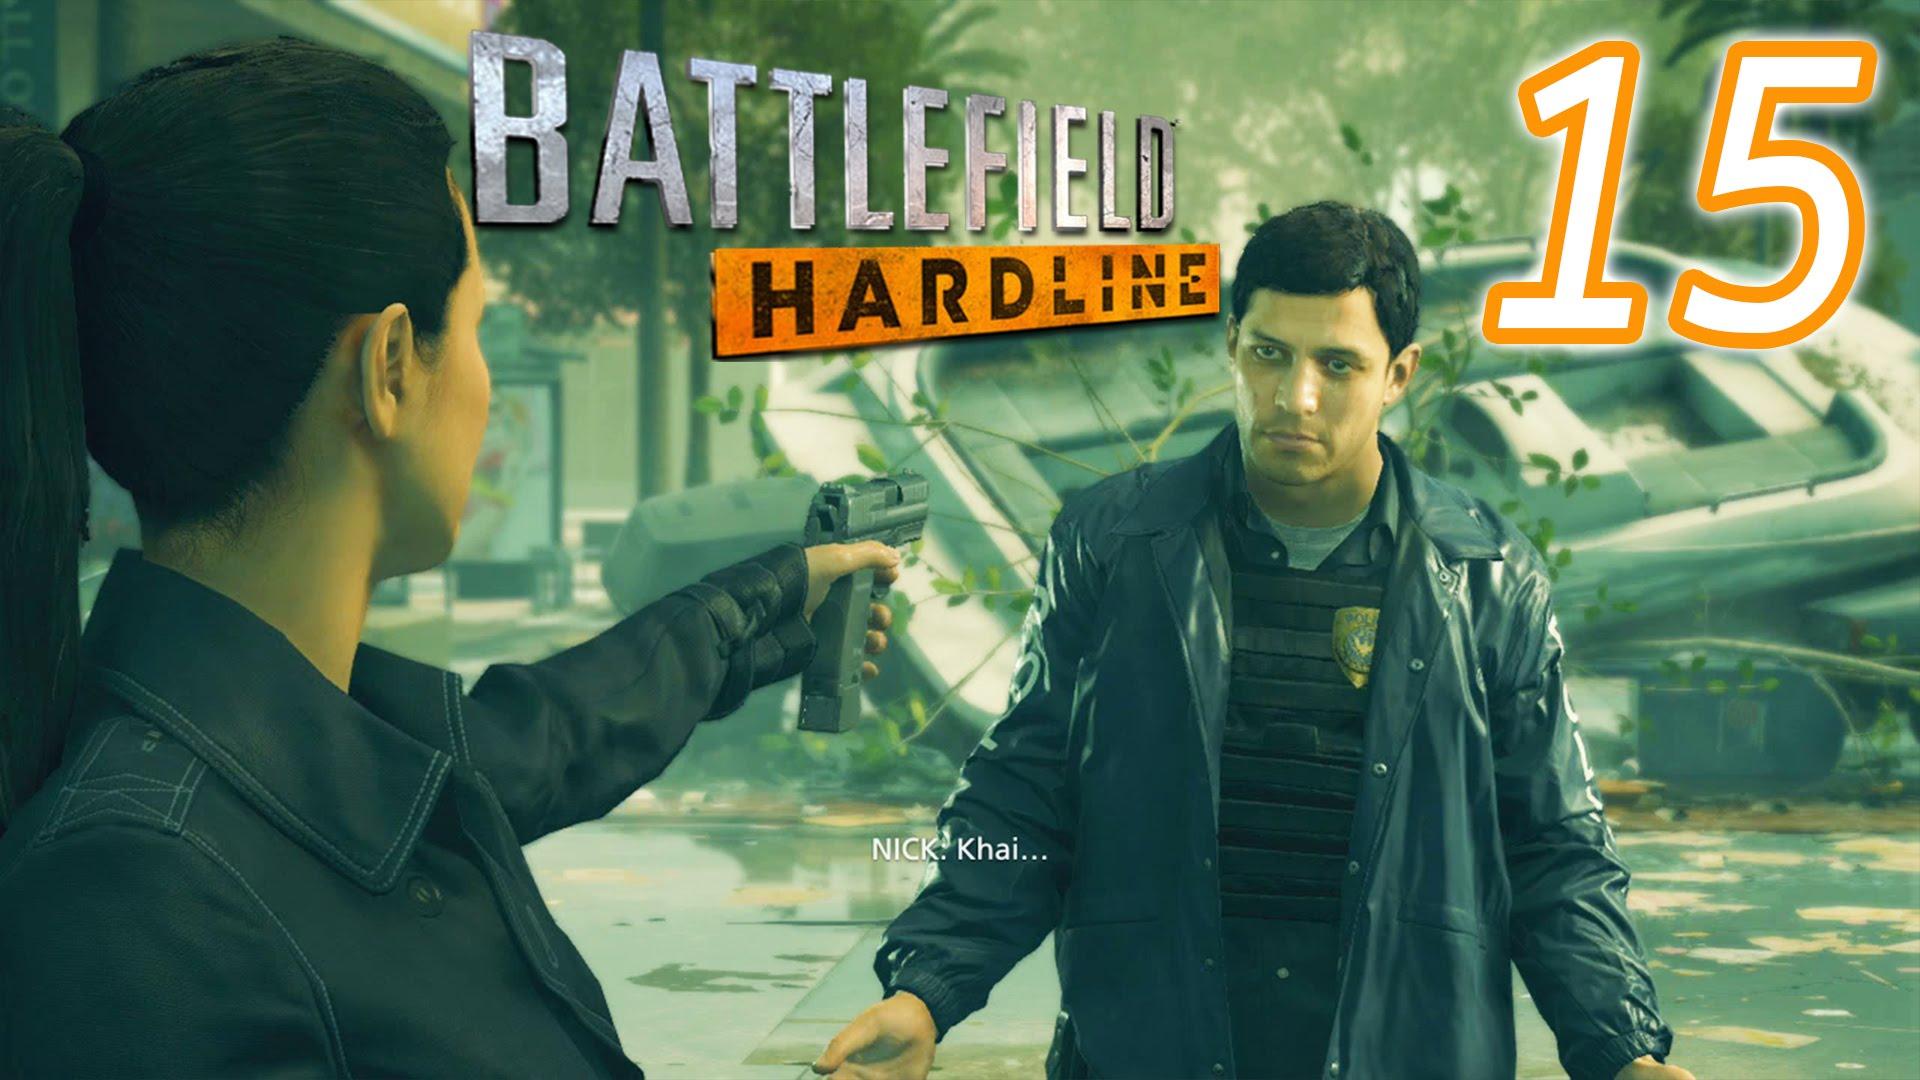 بتلفیلد هاردلاین مرحله 15 - Battlefield Hardline-PC